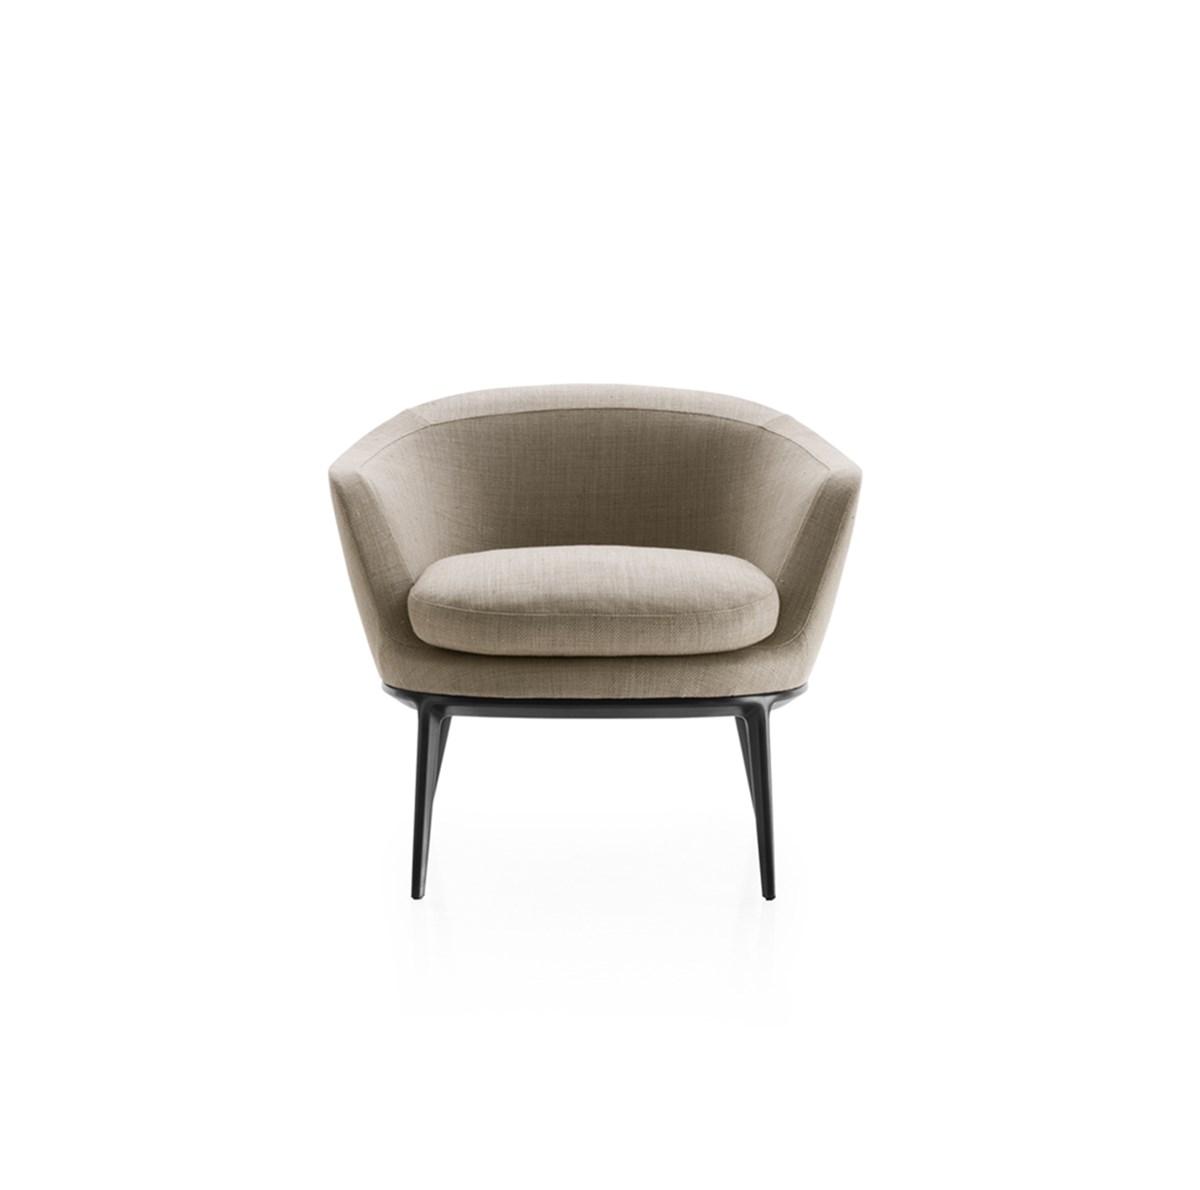 B&B-Italia-Antonio-Citterio-Caratos-Armchair-Matisse-2